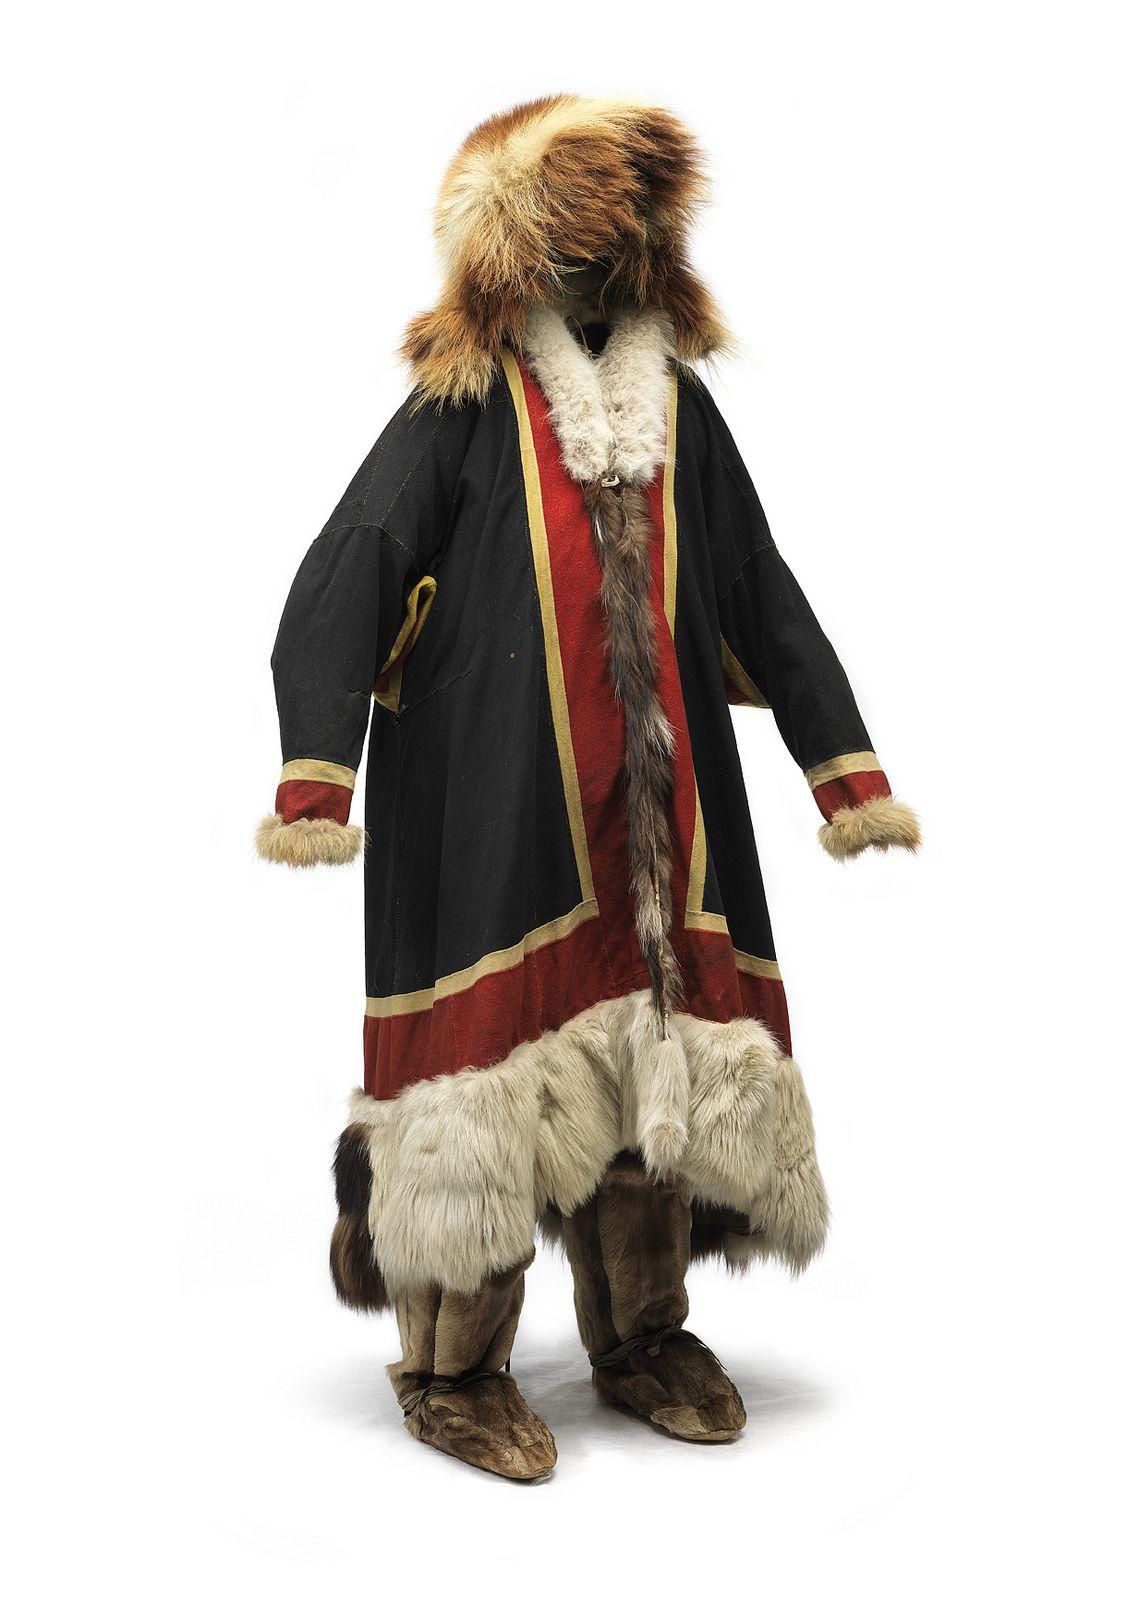 Shamandragt fra Nenet i det centrale Sibirien - Shaman costume from Nenets in central Siberia | National museum, Copenhagen Demark